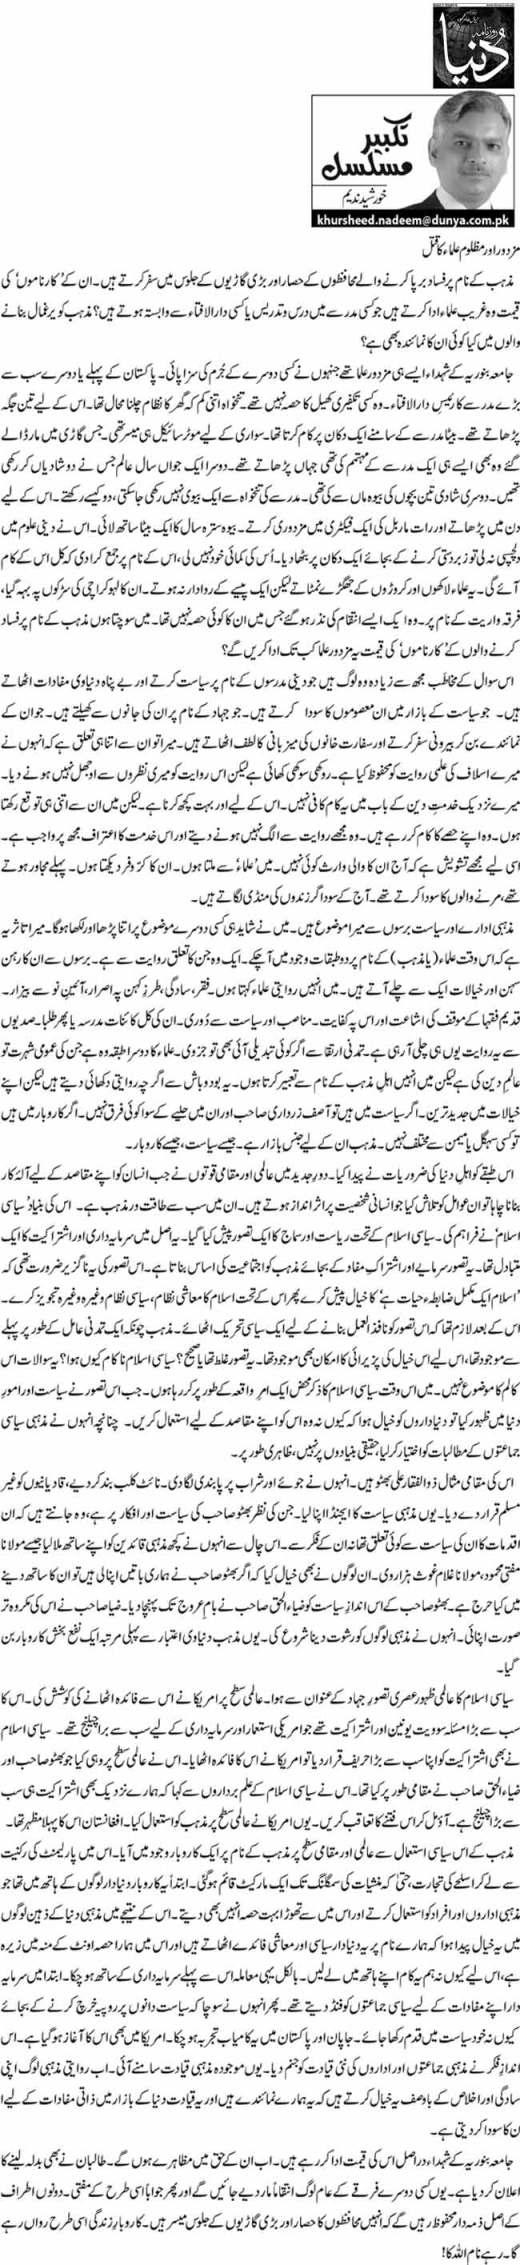 Mazdoor aur Mazloom Ulama ka qatal - Khursheed Nadeem